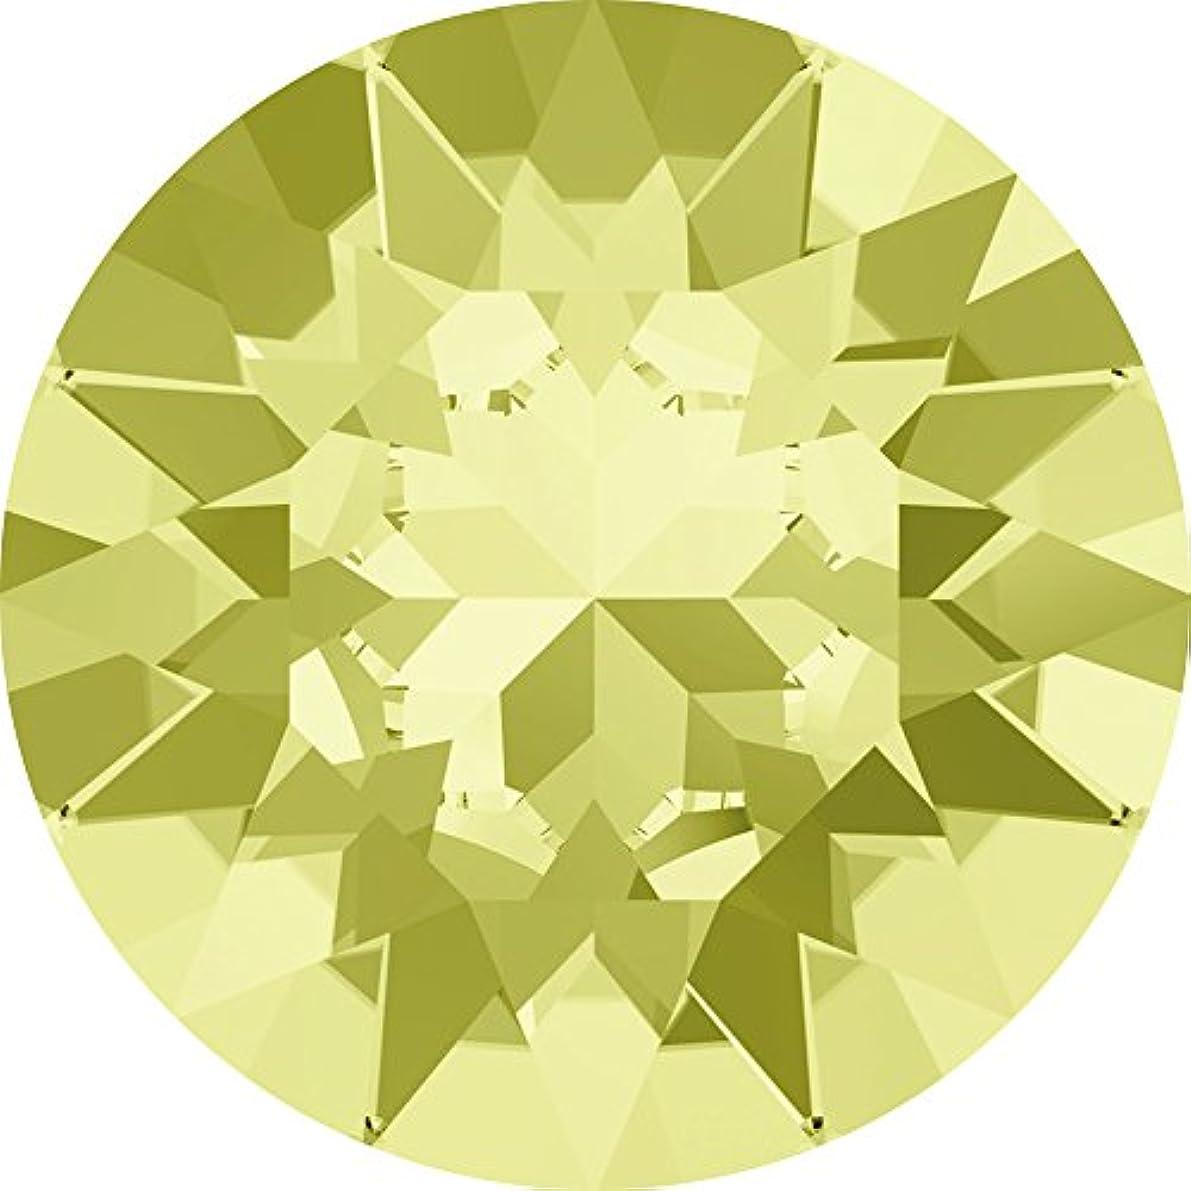 むちゃくちゃ幾何学オートスワロフスキー クリスタル Vカット SS24ジャンキル6P